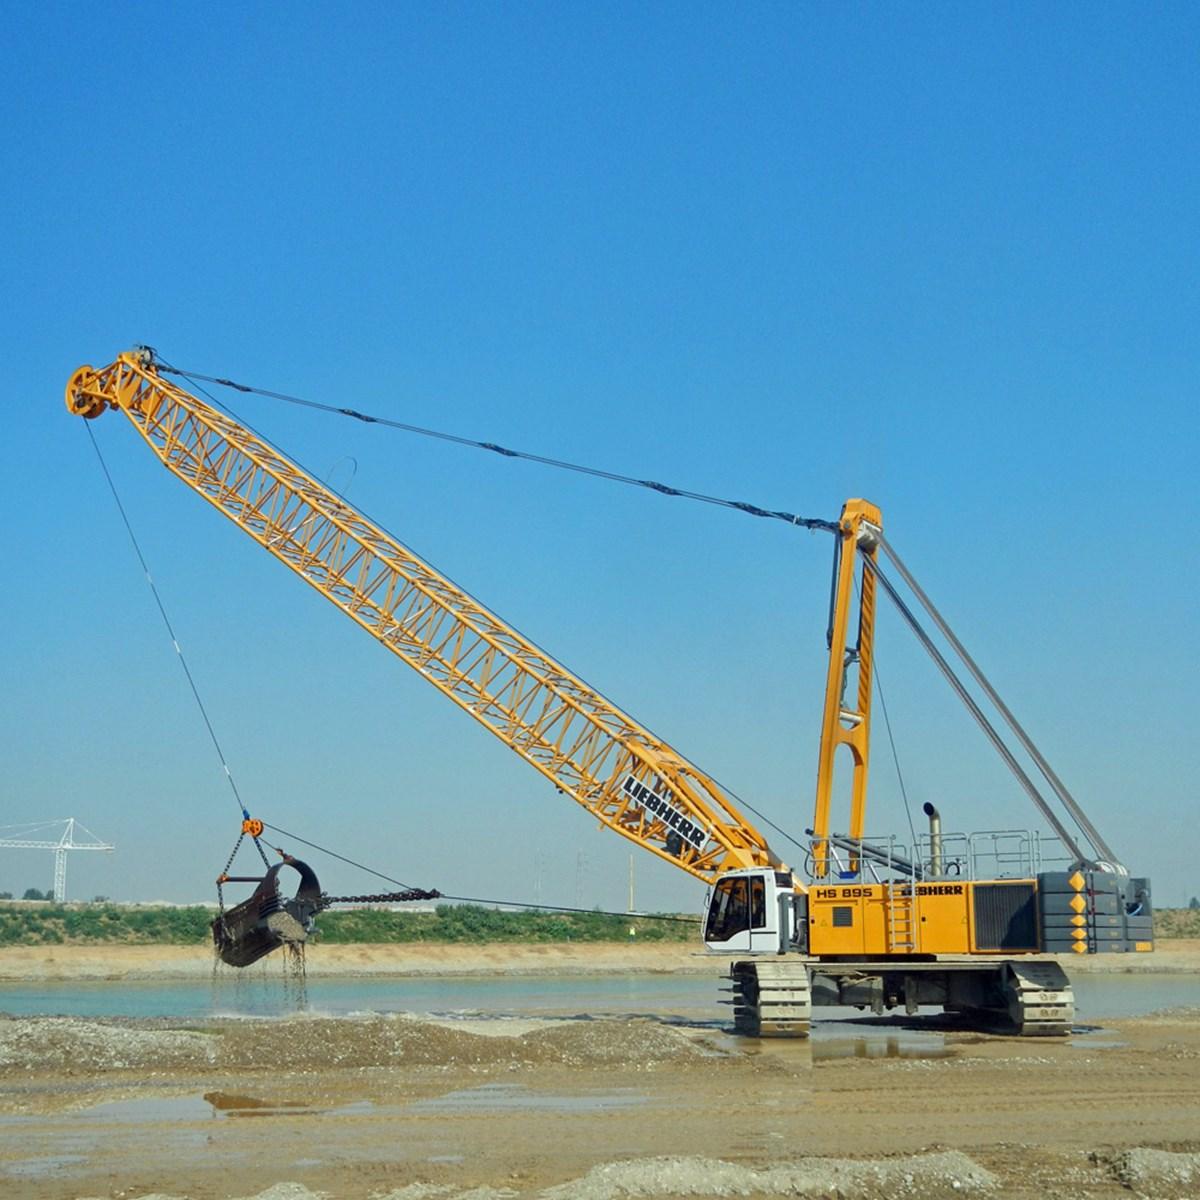 liebherr-hs-895-hd-seilbagger-duty-cycle-crawler-crane-dragline.jpg